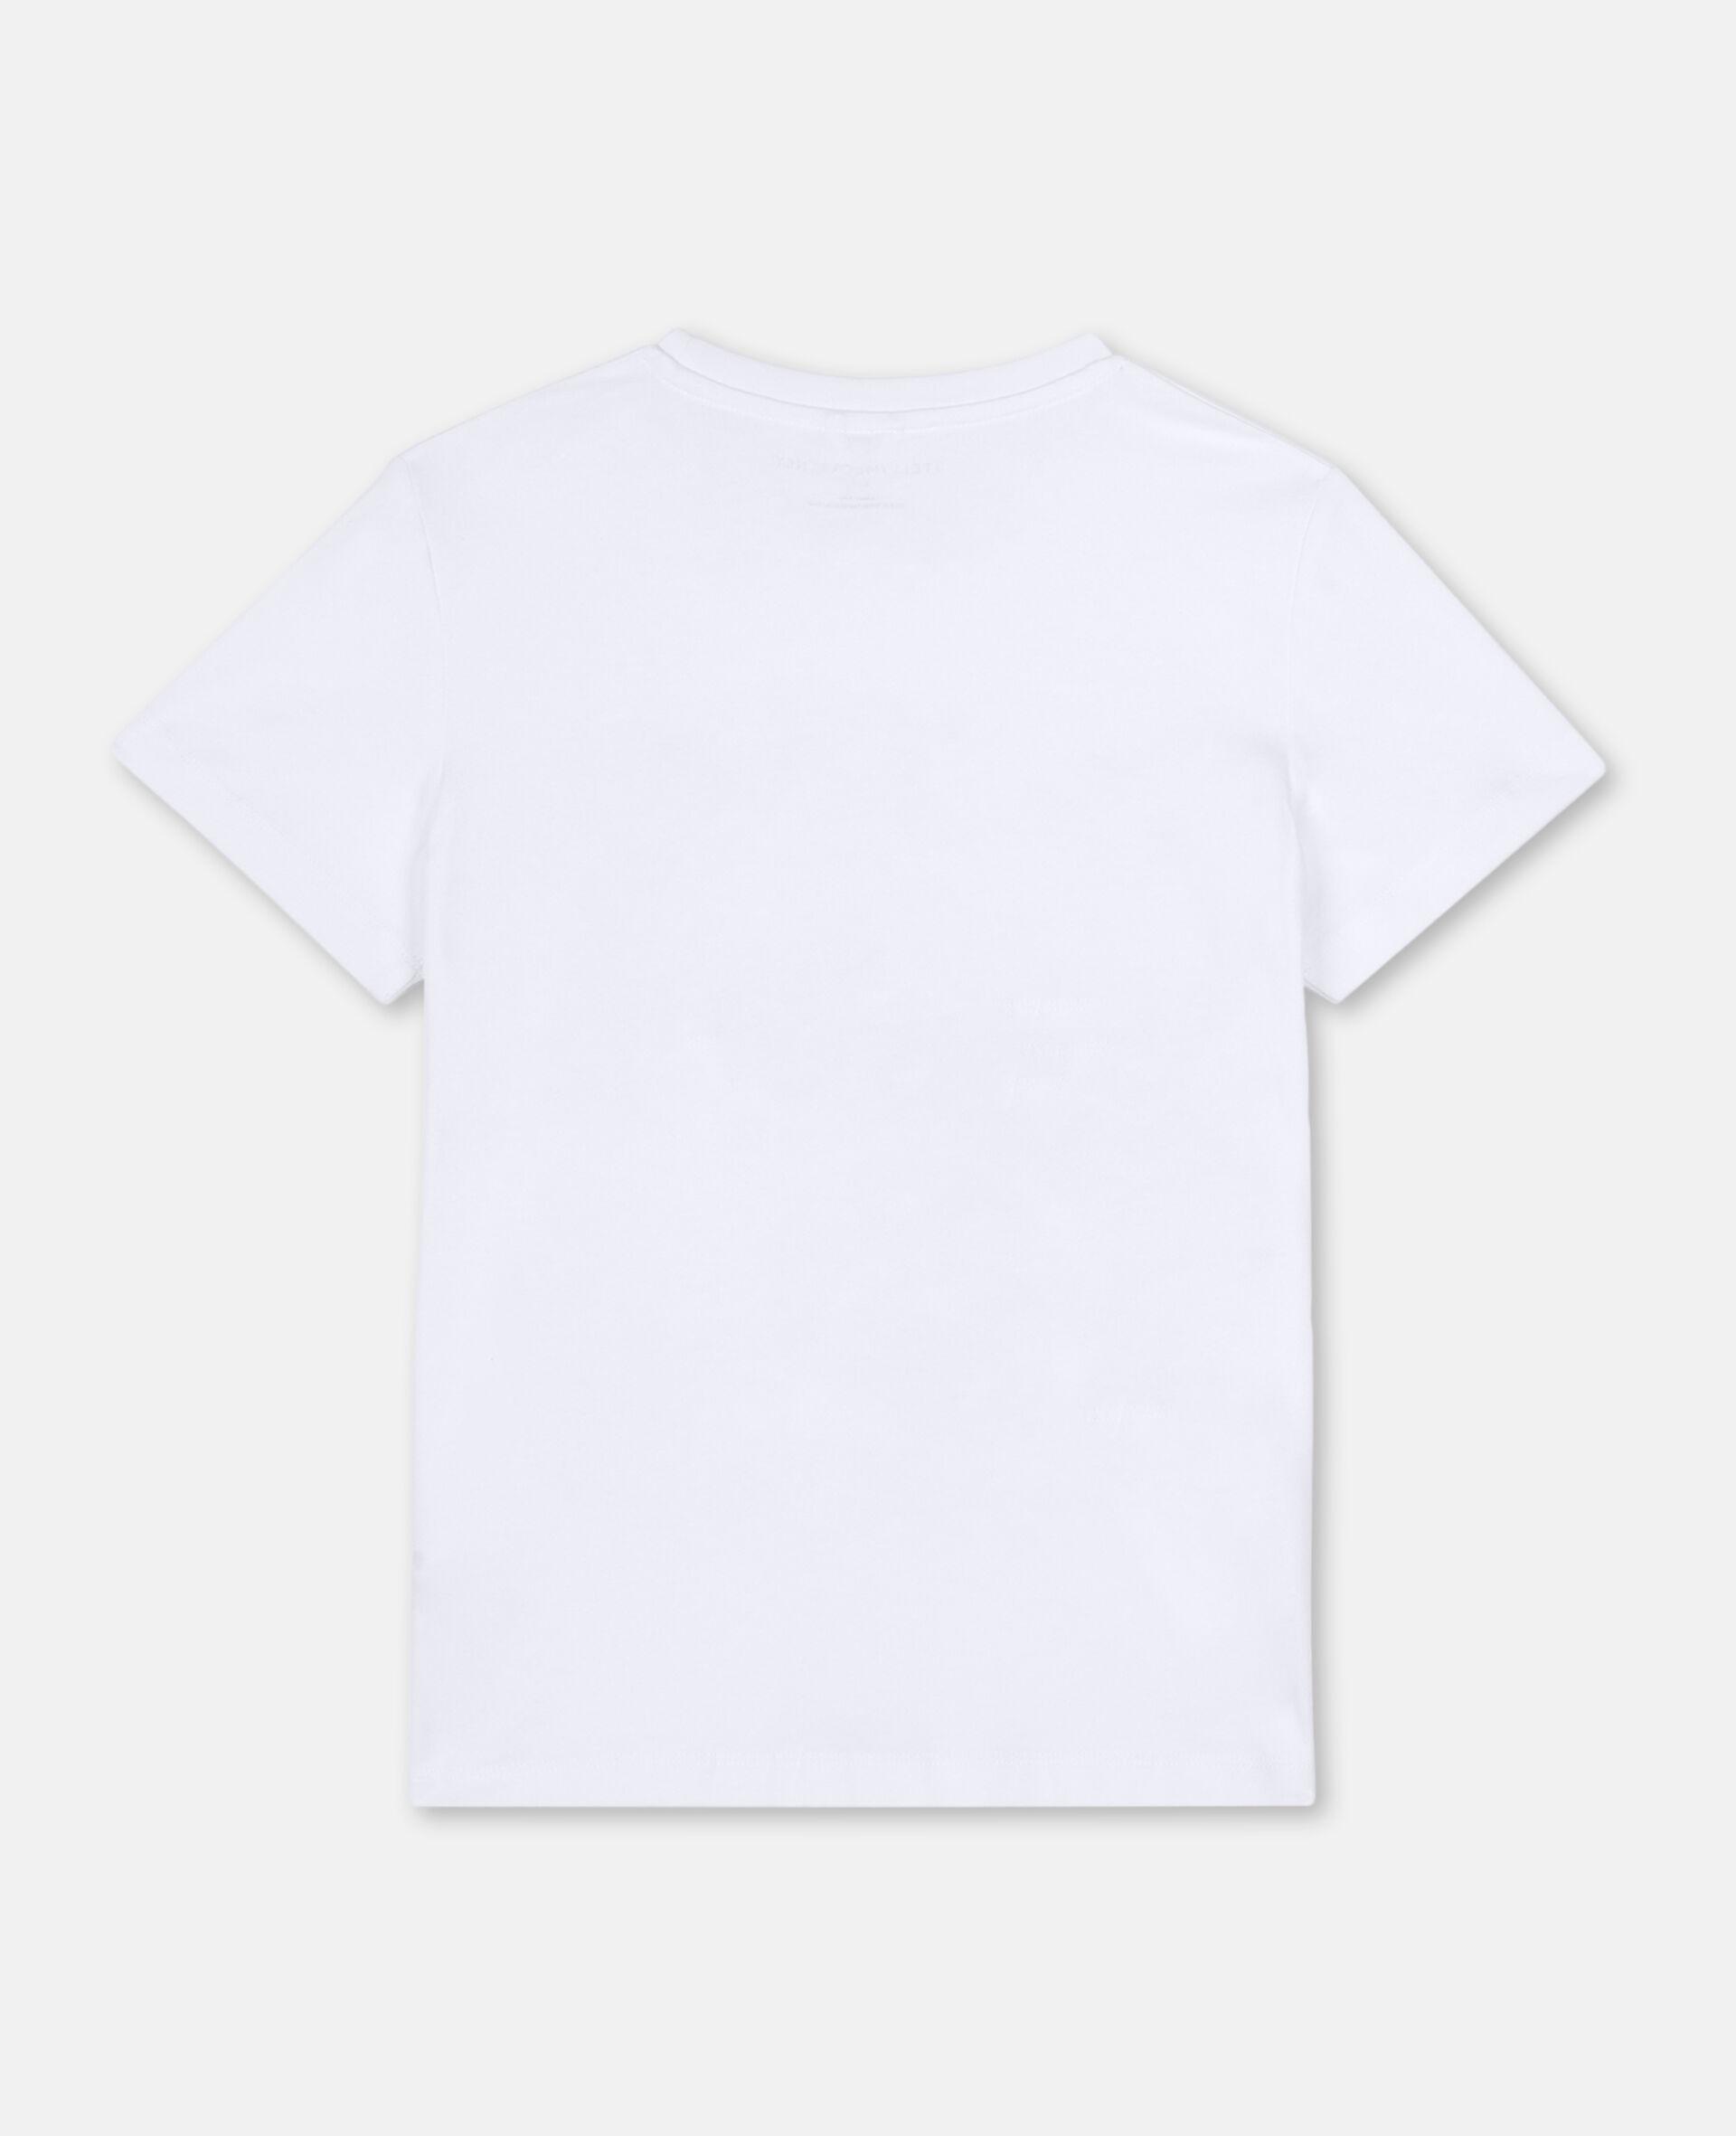 Flamingo Cotton T-shirt-White-large image number 3